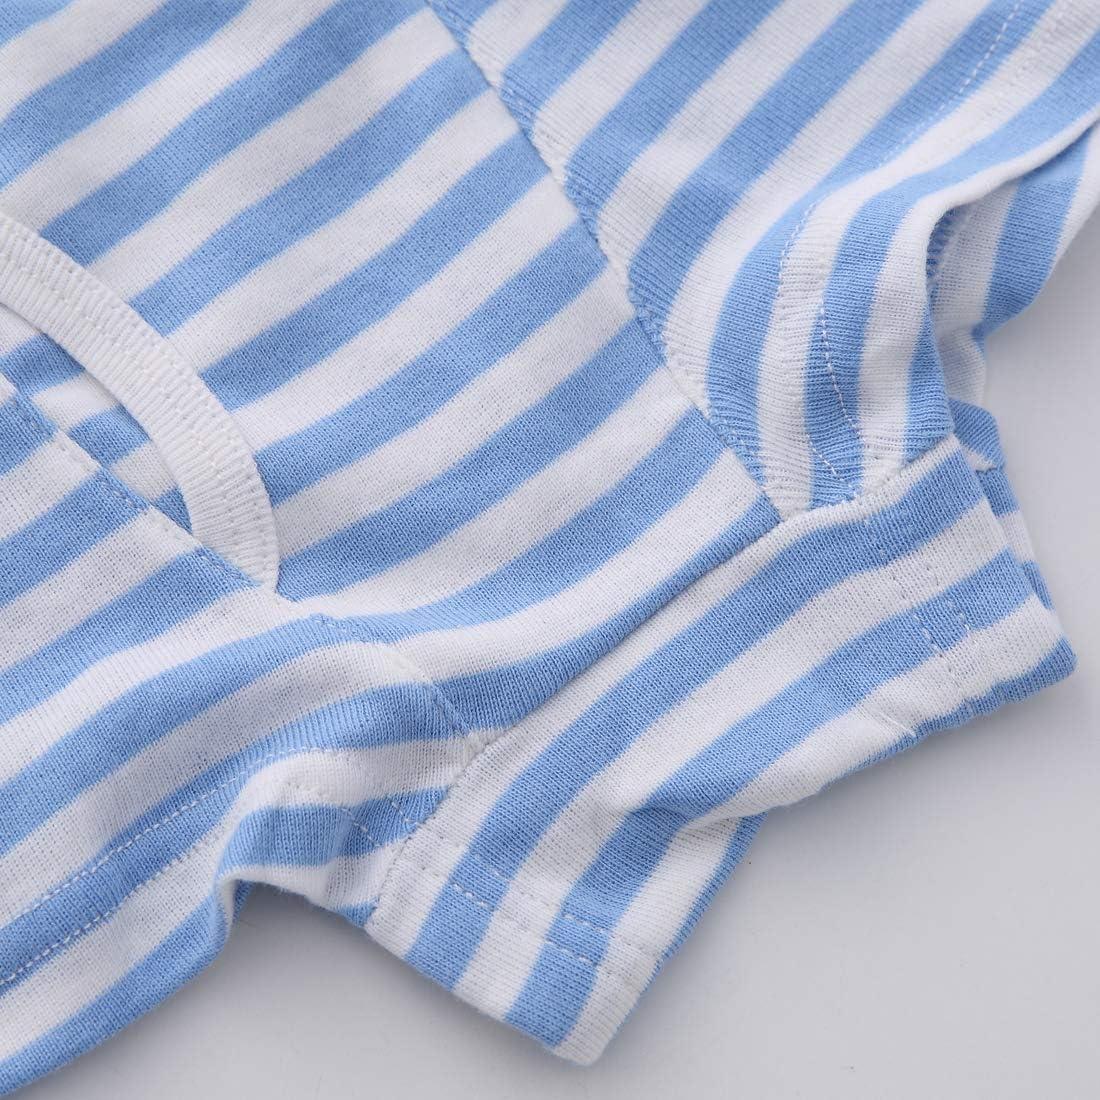 Pack benetia Boys Soft Cotton Underwear 6